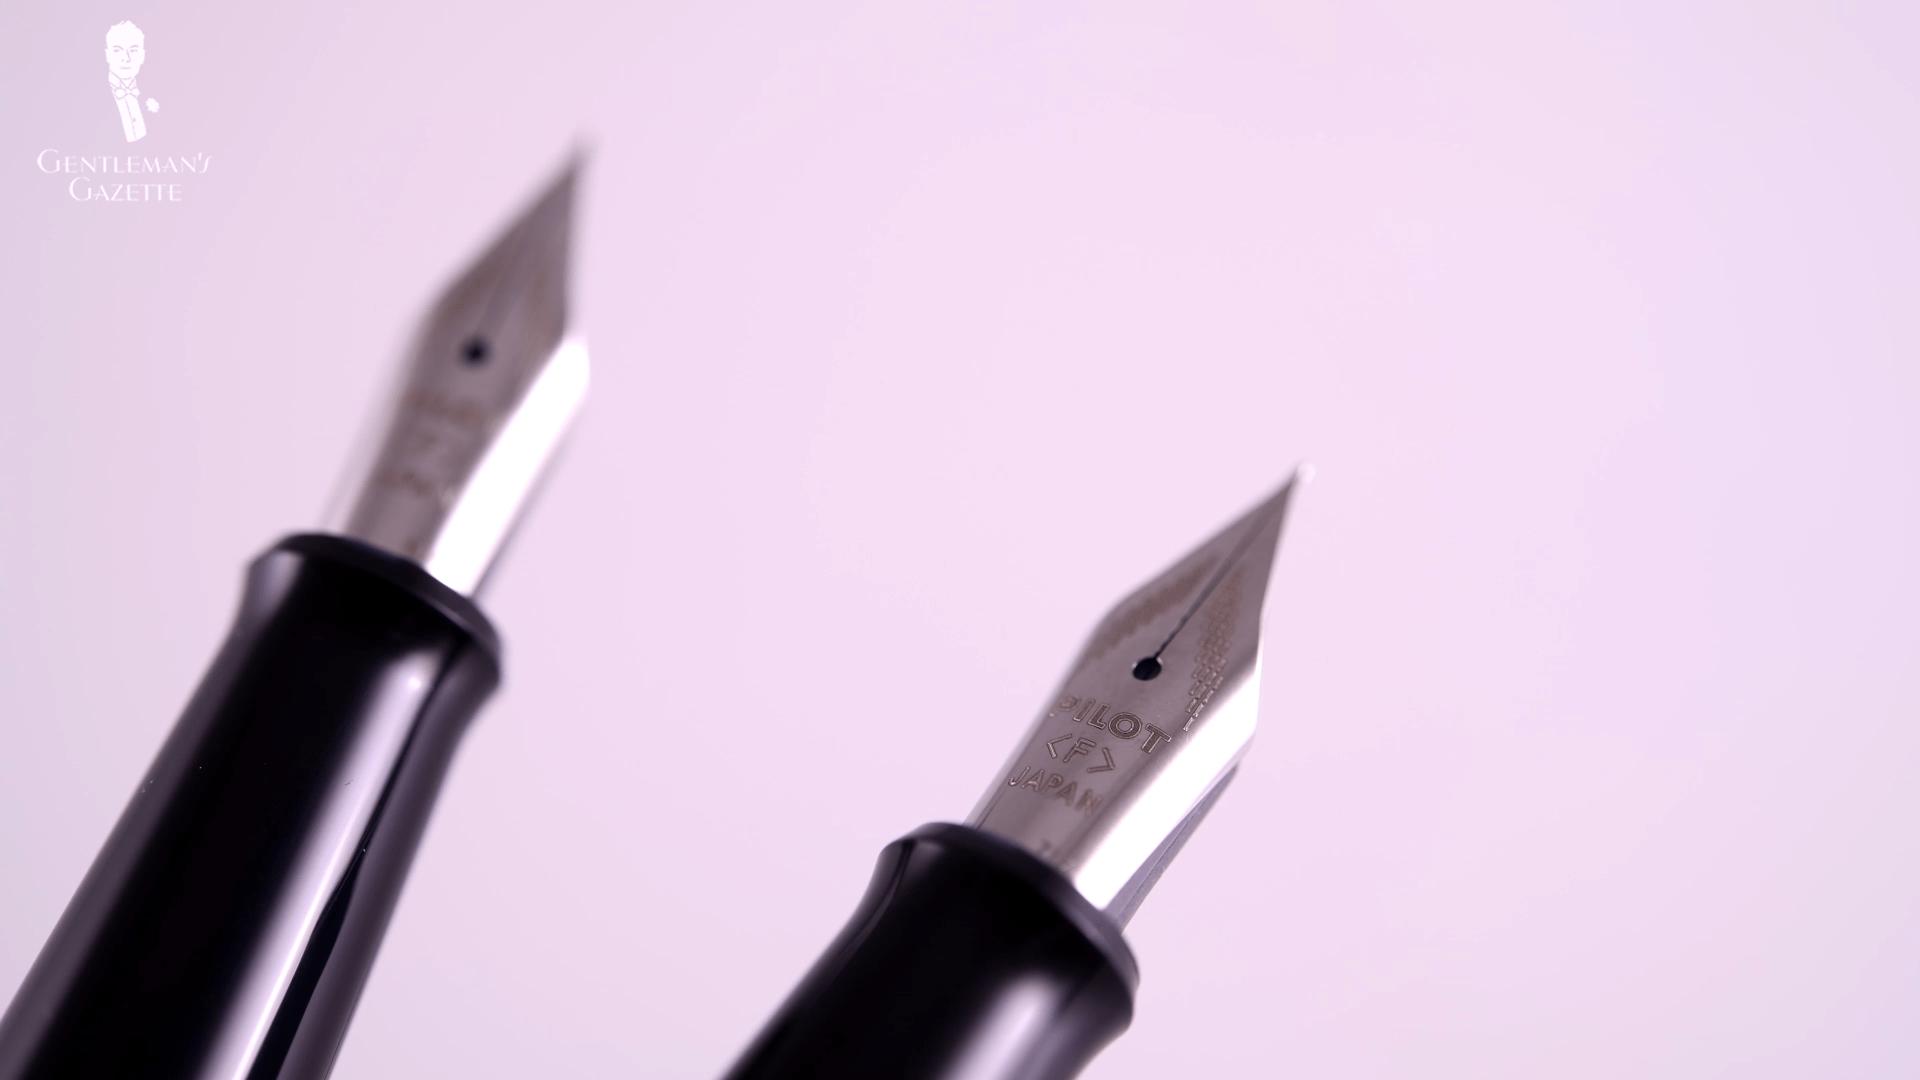 Top Quality Pens 10 Plain Black Pens No Engraving SALE PRICE!!!